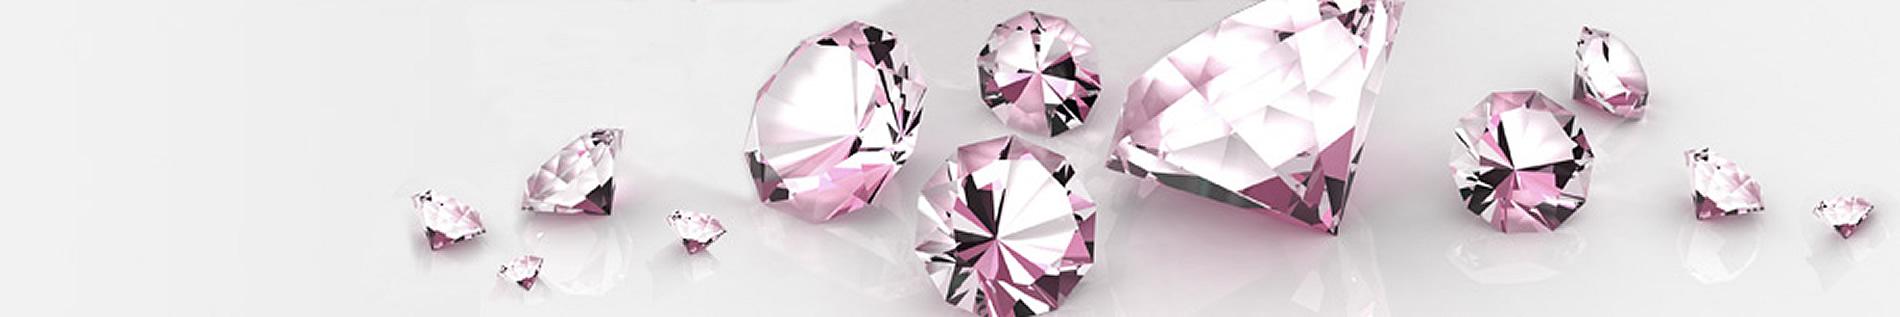 vente en ligne de diamants et pierres précieuses